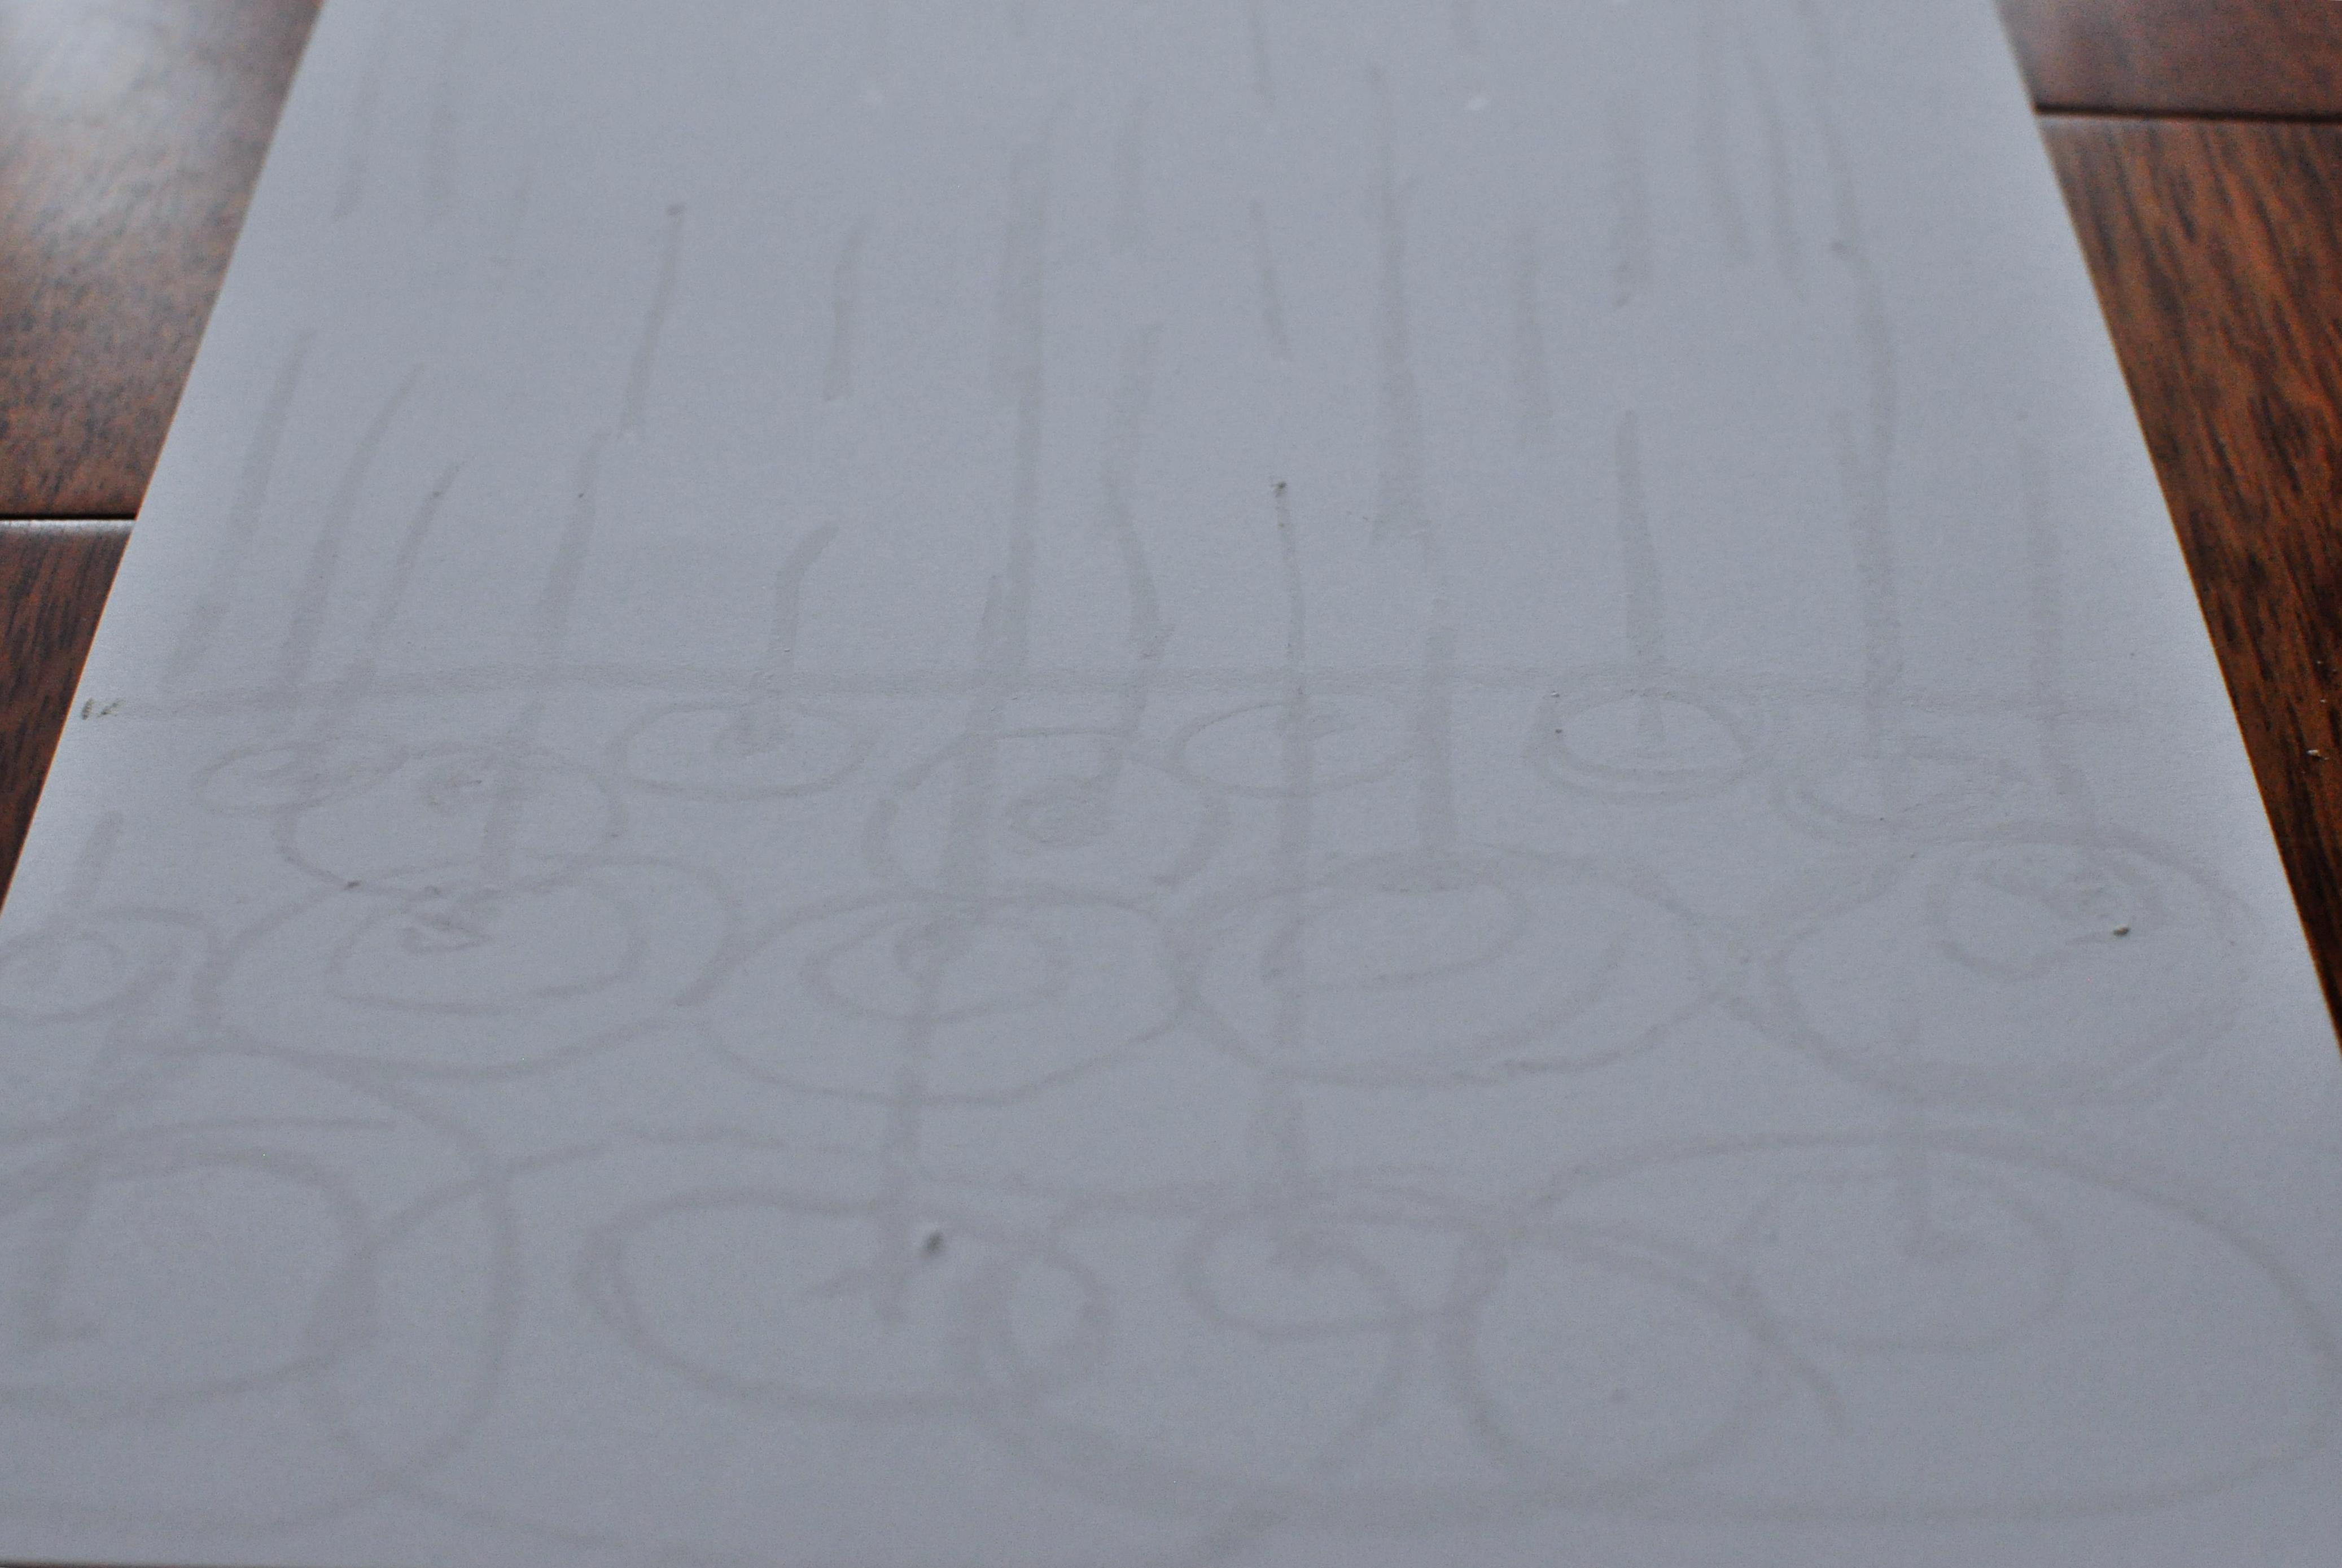 biela voskovka na bielom papieri dážď